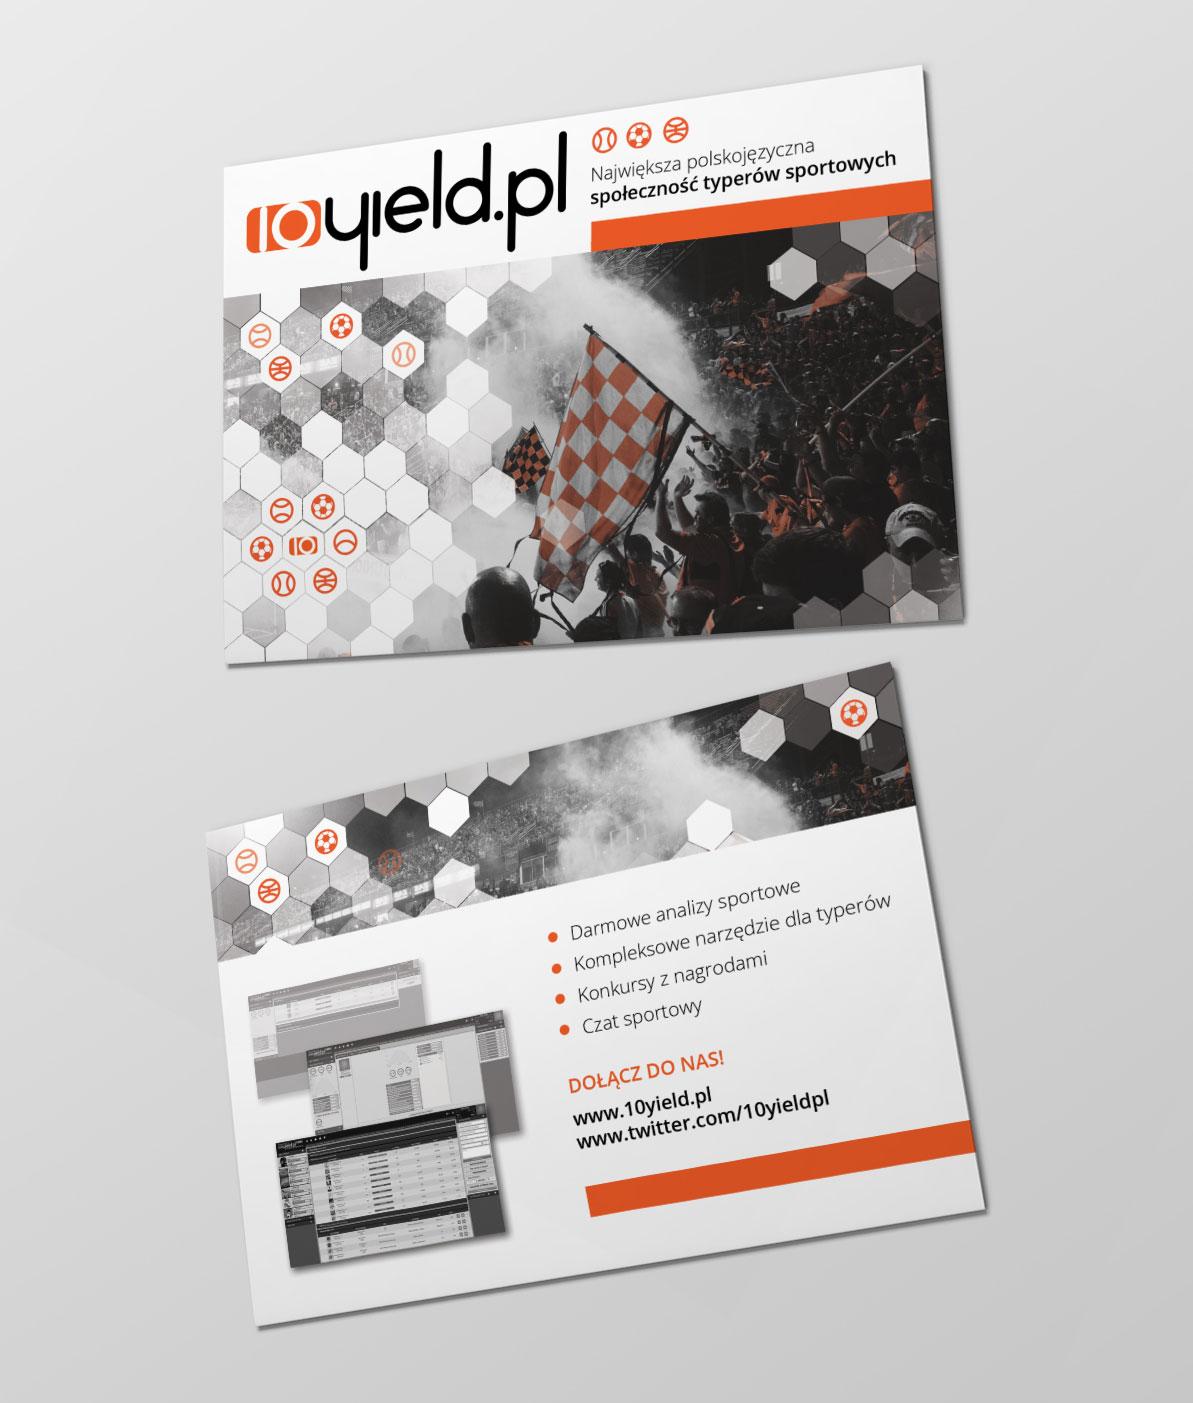 10yield_logo_wizualizacja03